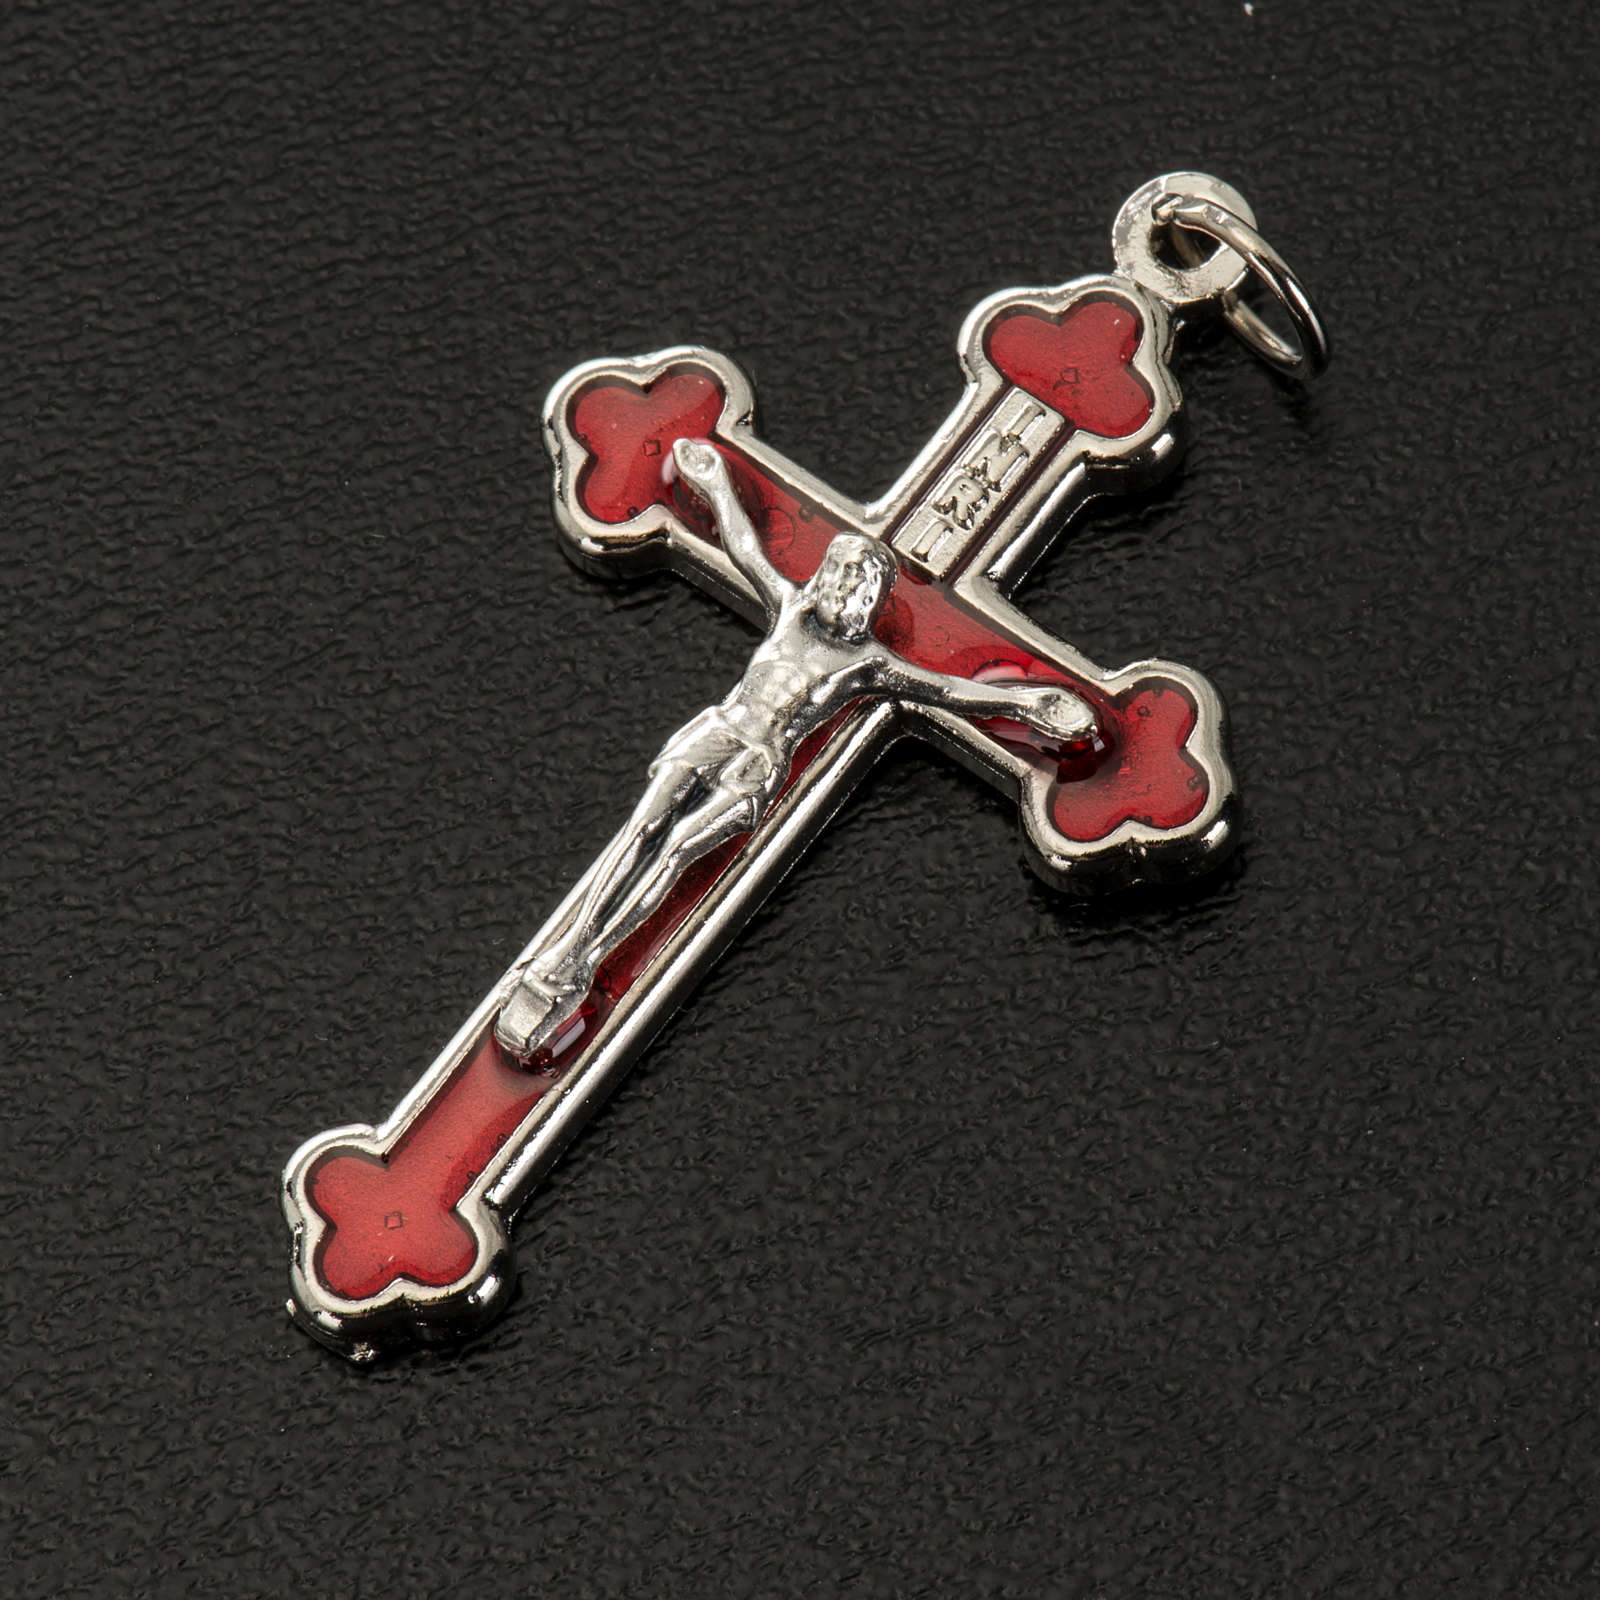 Croce rosari fai da te metallo argentato smalto rosso h 3.6 cm 4